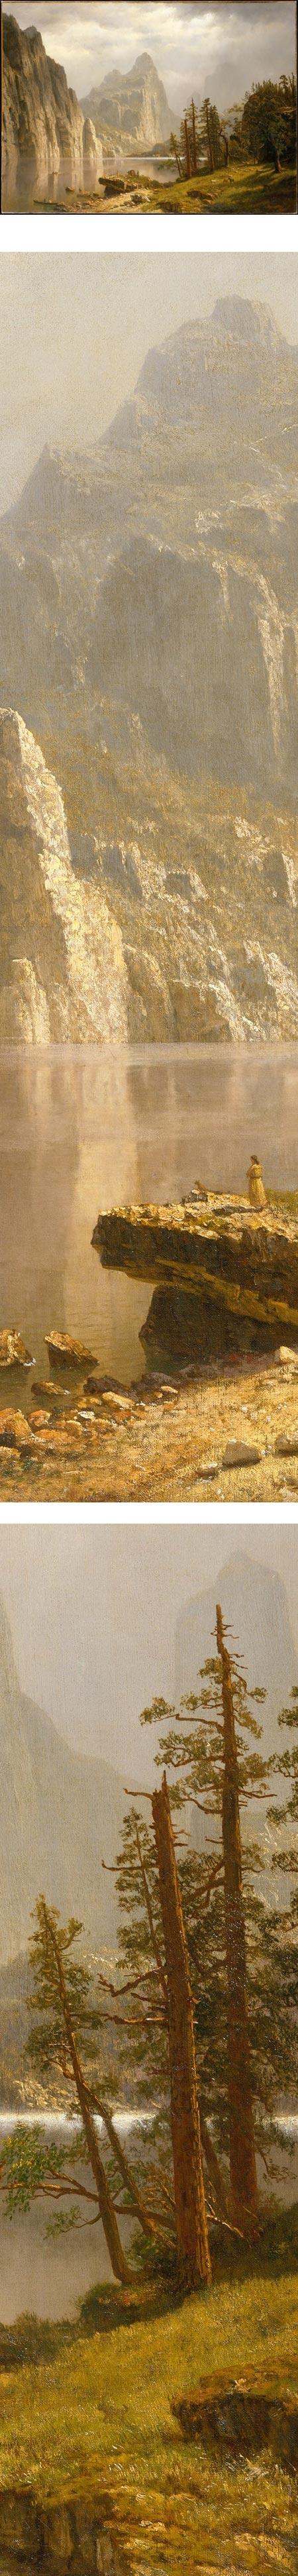 Merced River, Yosemite Valley, Albert Bierstadt - (Solingen, 7 de janeiro de 1830 — Nova Iorque, 18 de fevereiro de 1902)